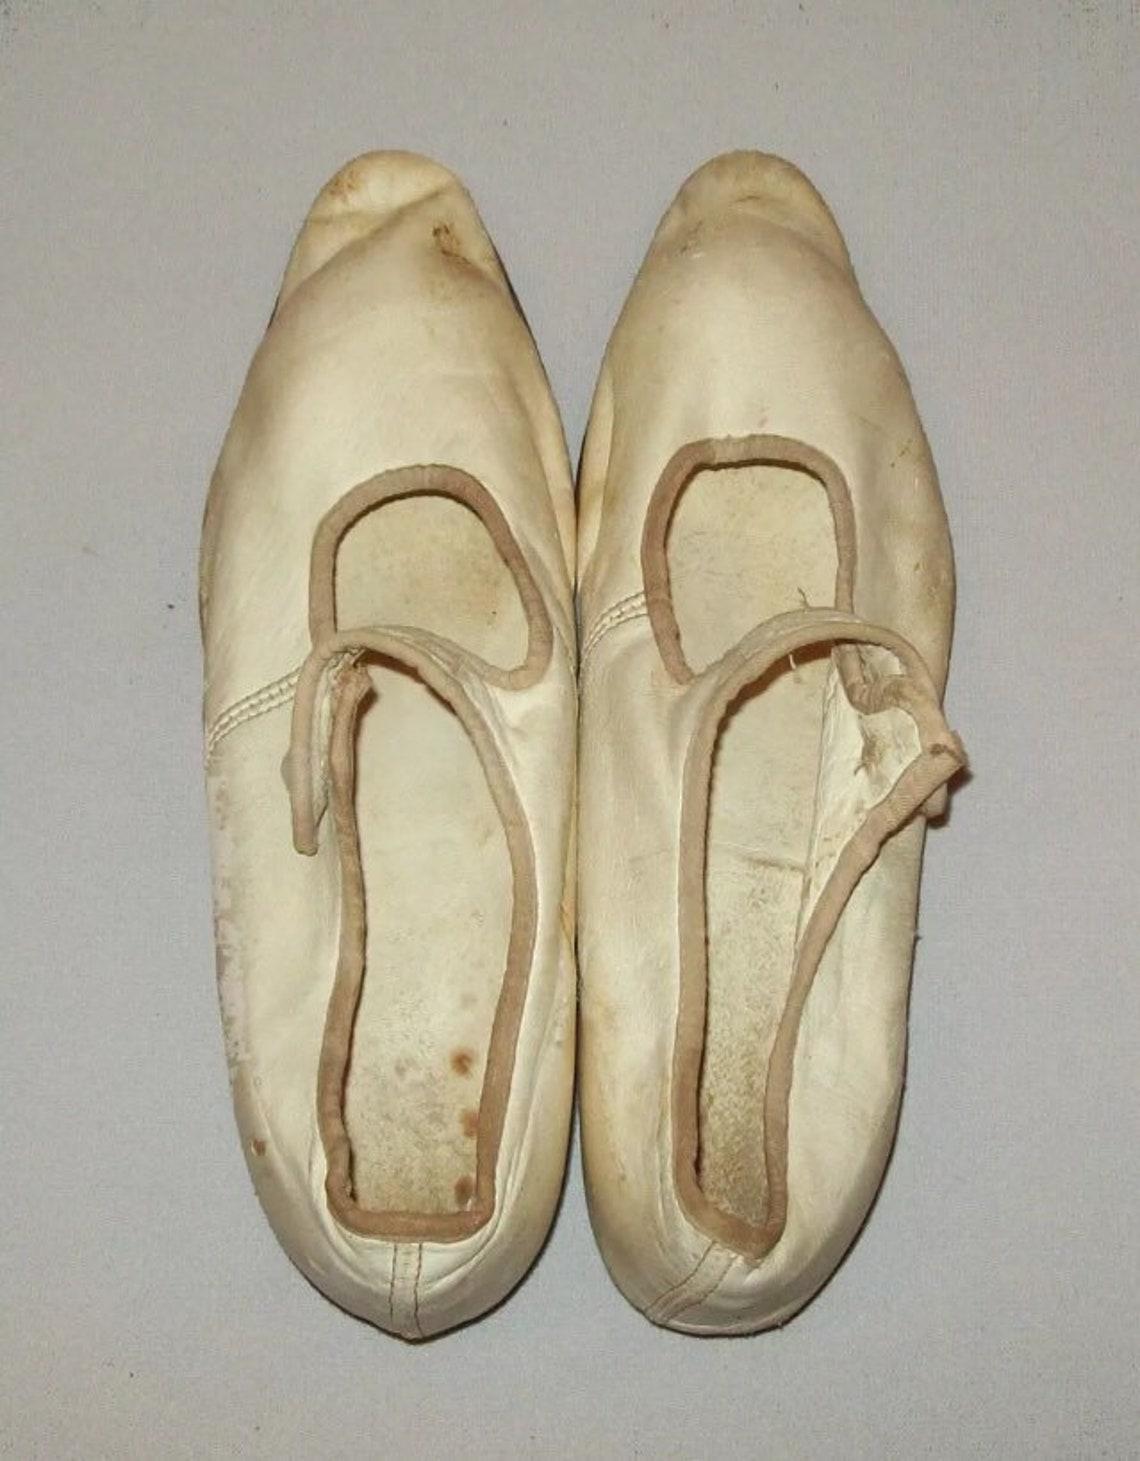 Antico Vtg 1870s in pelle bianca scarpe o pantofole vecchie piccole dimensioni 4 ragazze/Womans - Scarpe alla moda OZcntHcI 5MrGwr KMzLfc